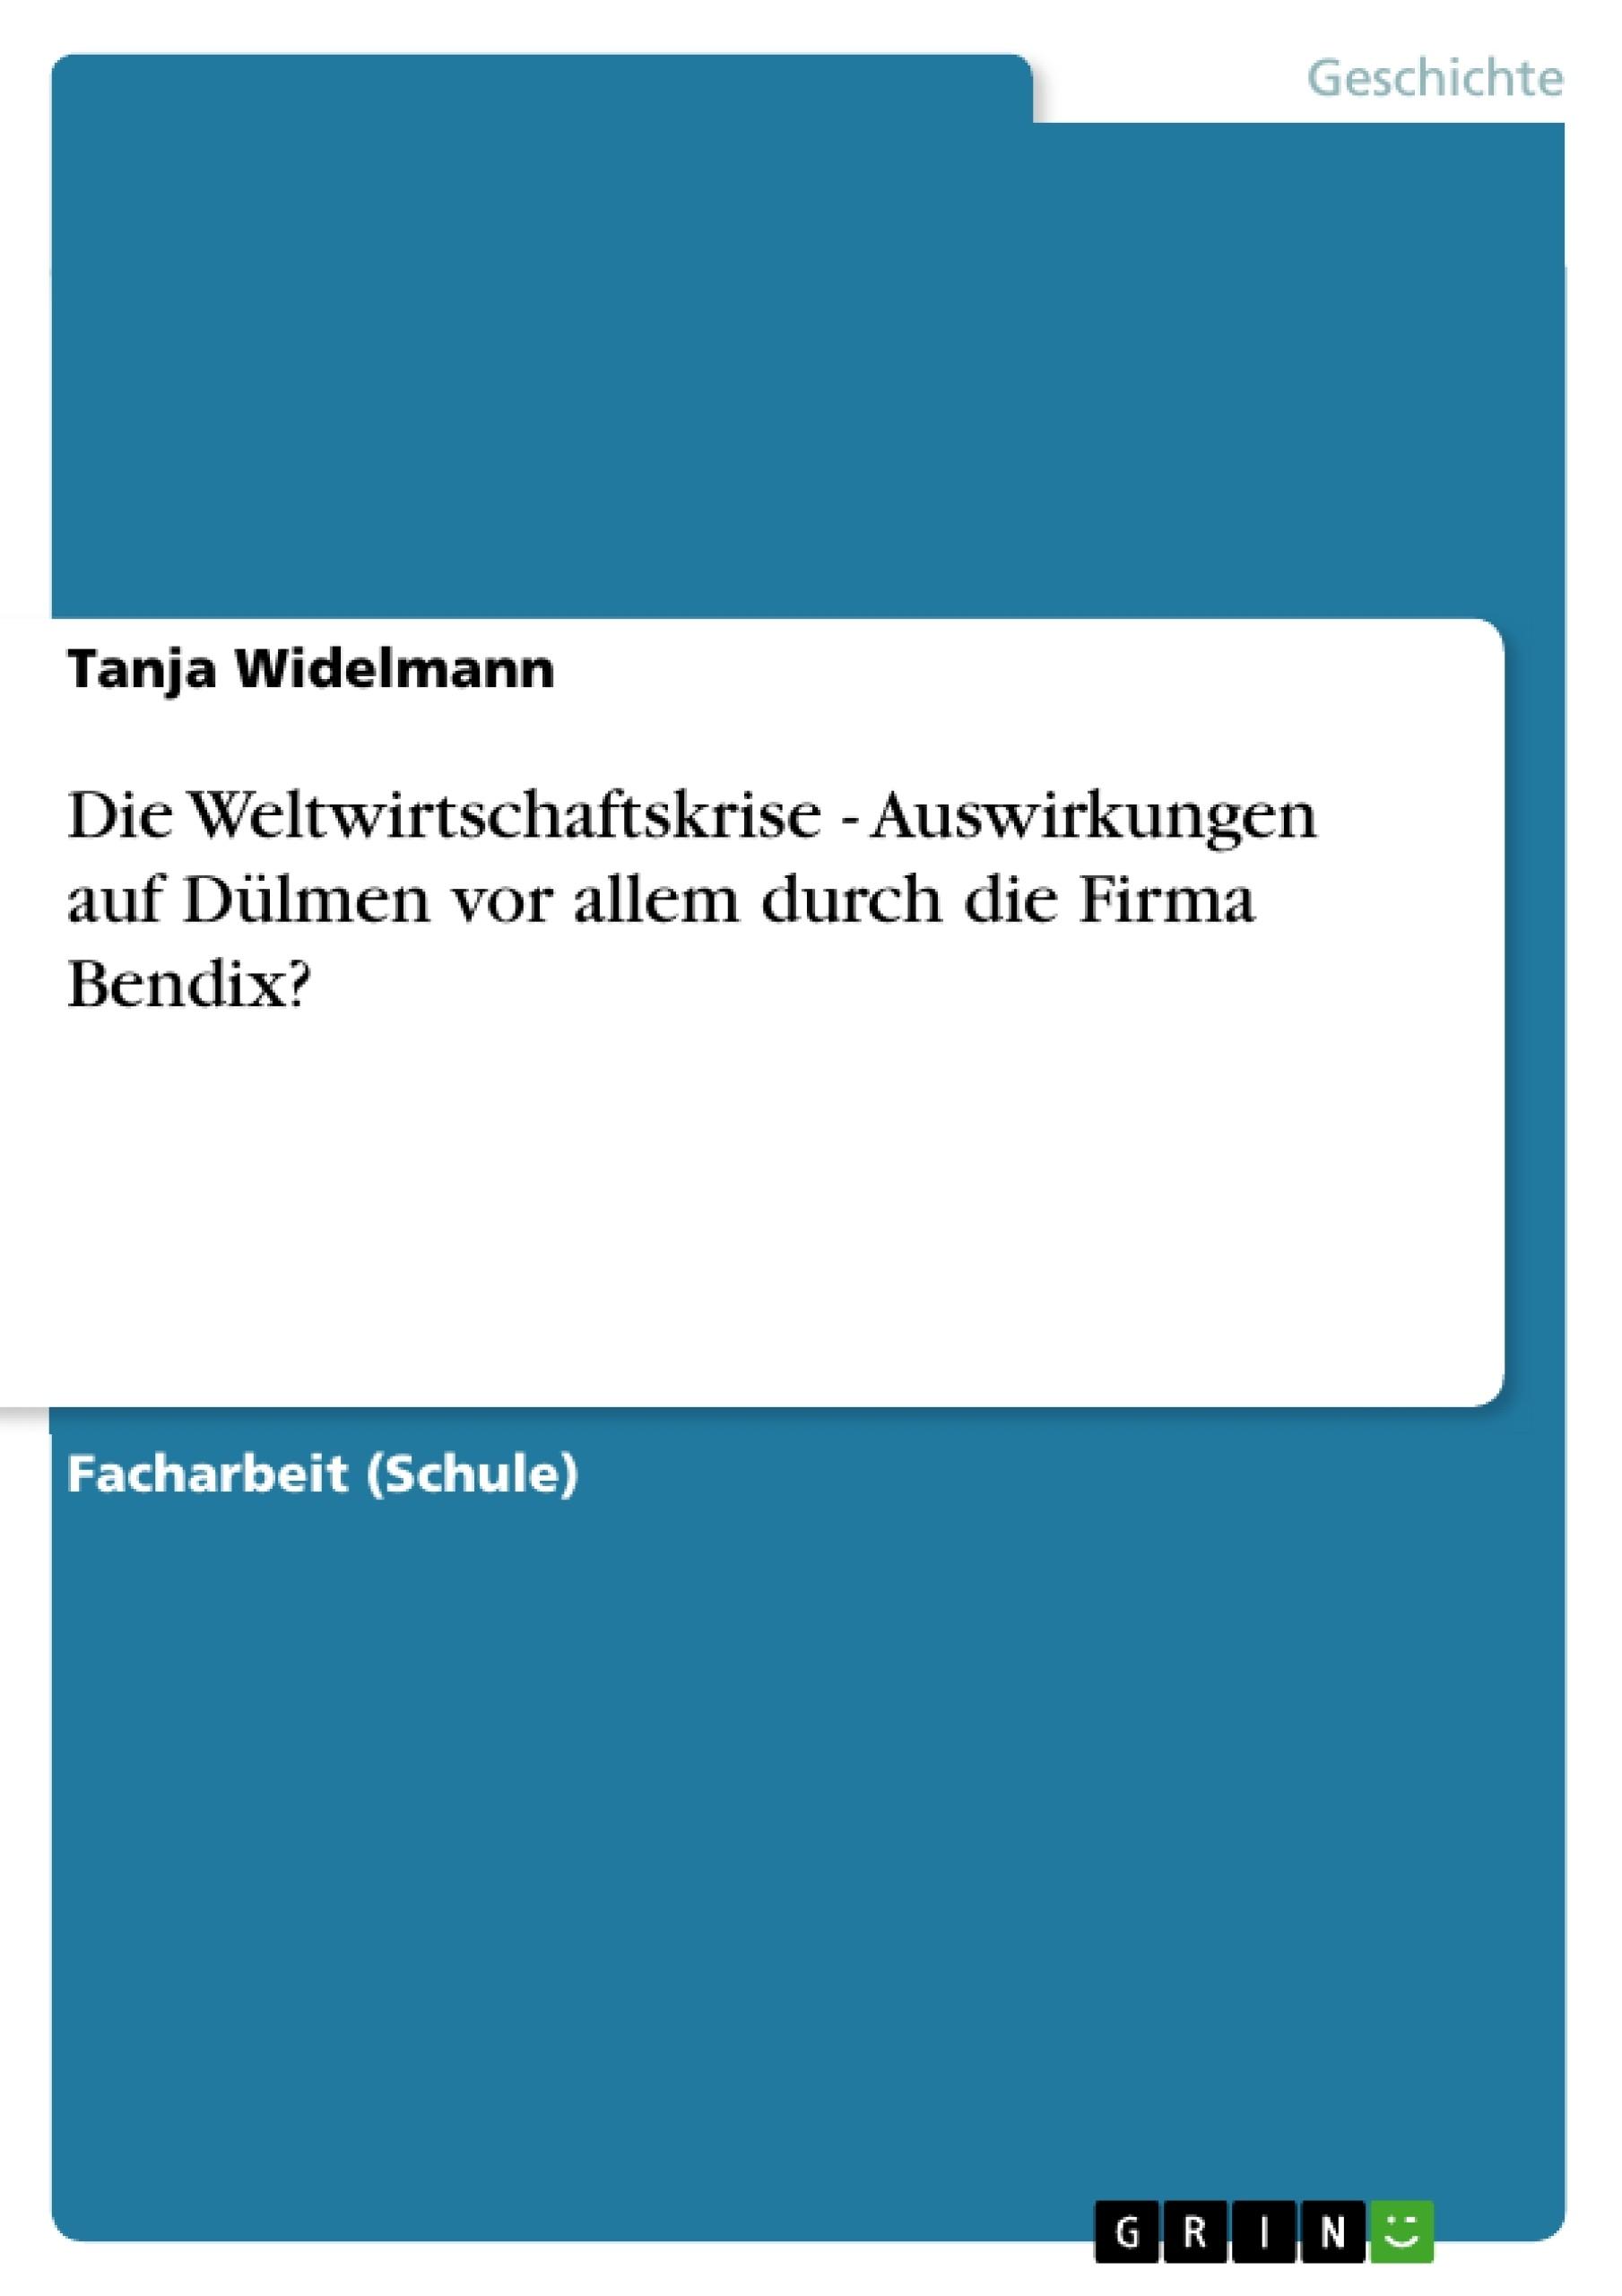 Titel: Die Weltwirtschaftskrise - Auswirkungen auf Dülmen vor allem durch die Firma Bendix?